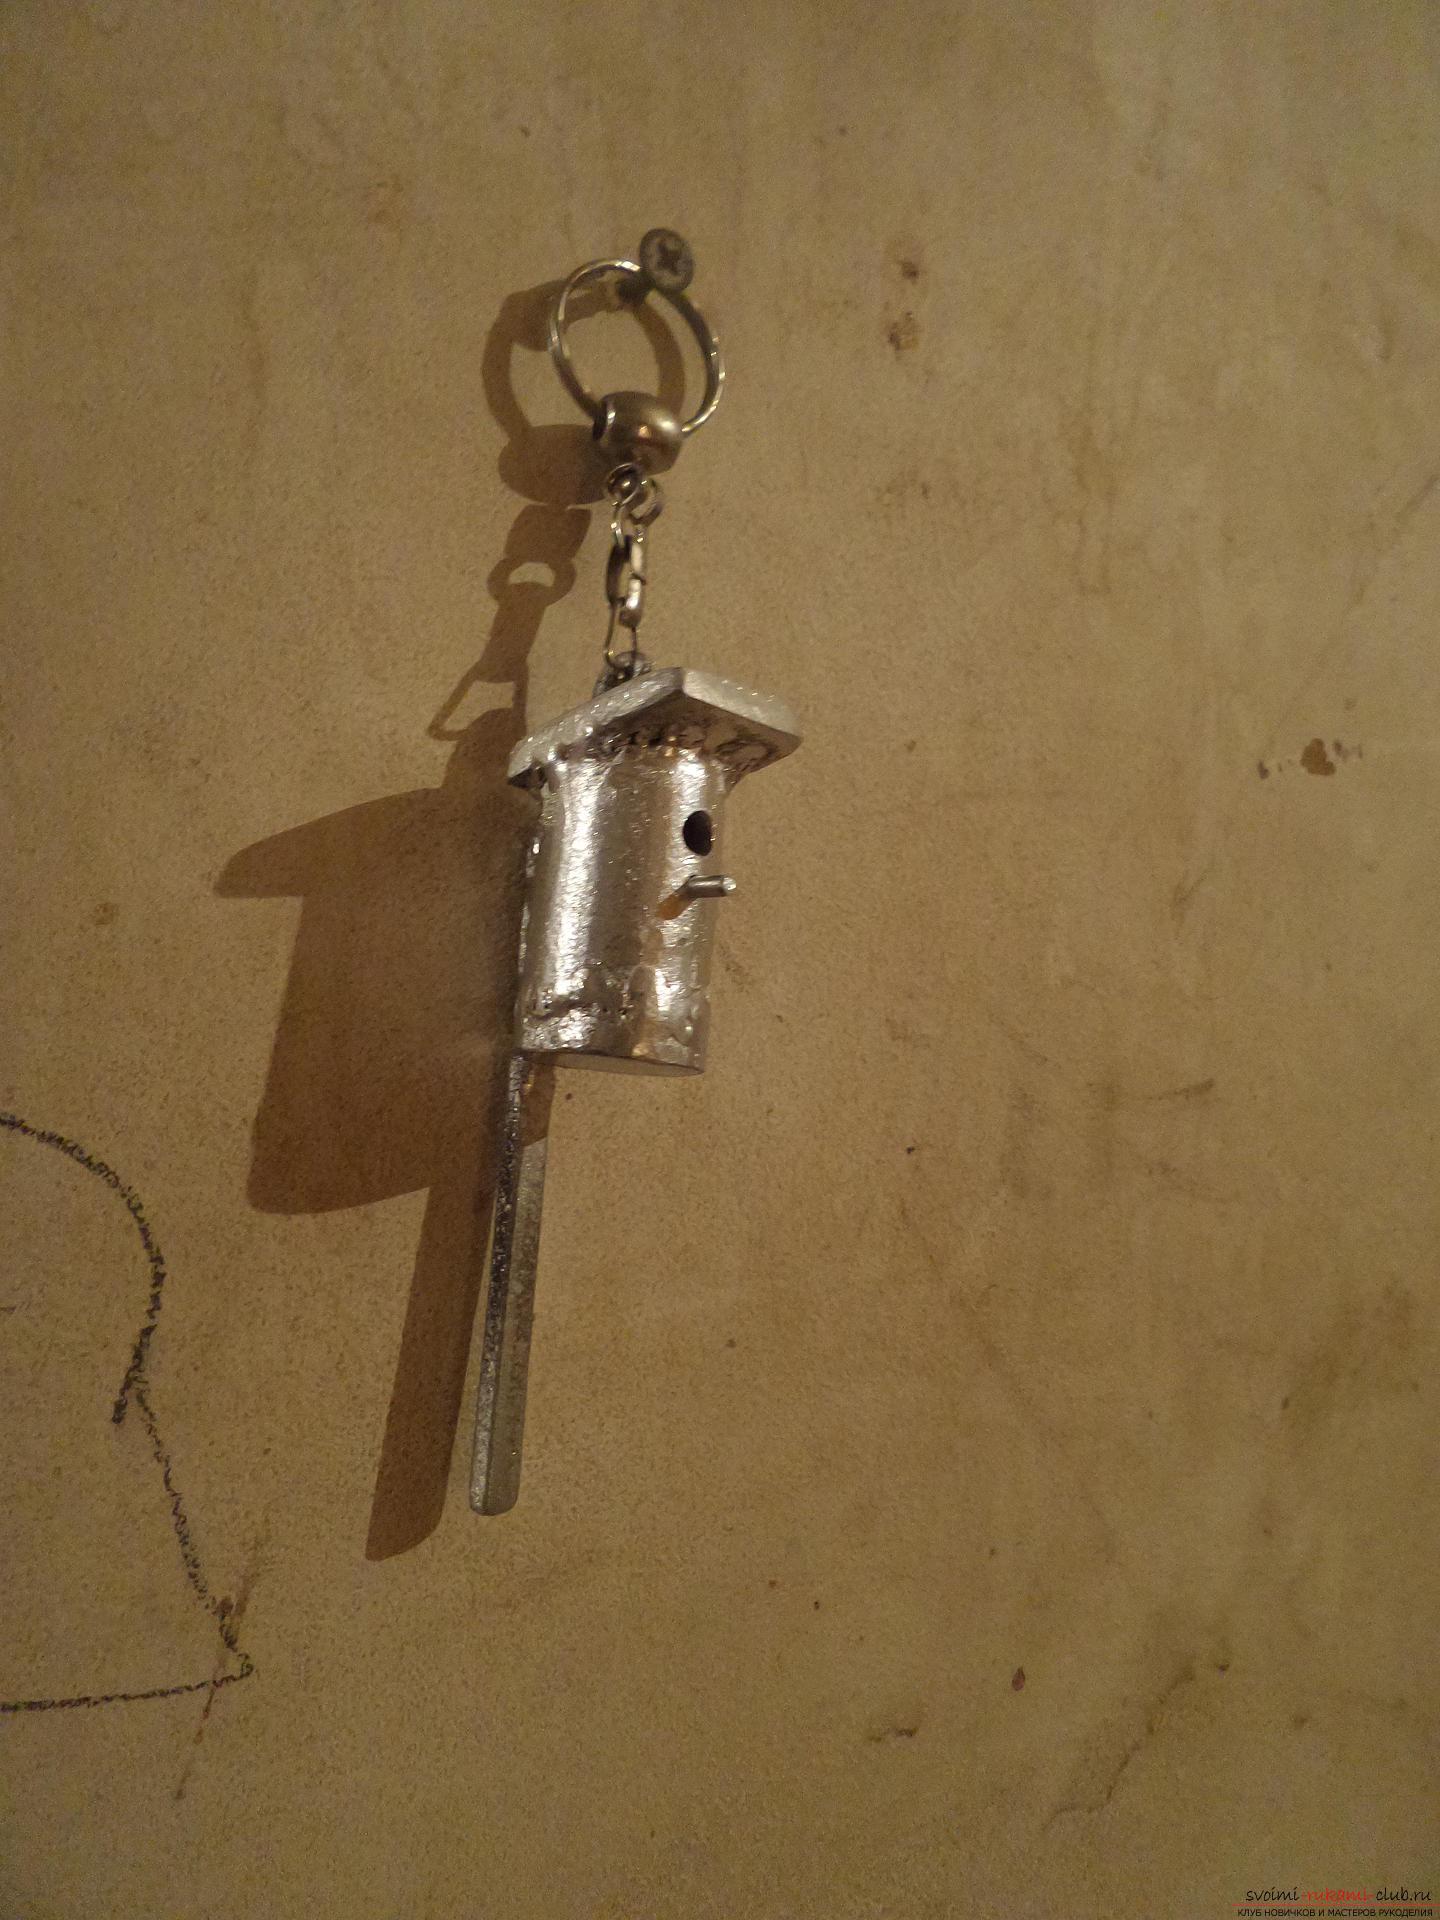 Этот мастер-класс научит как своими руками сделать необычный брелок для ключей - железный скворечник. Фото №29